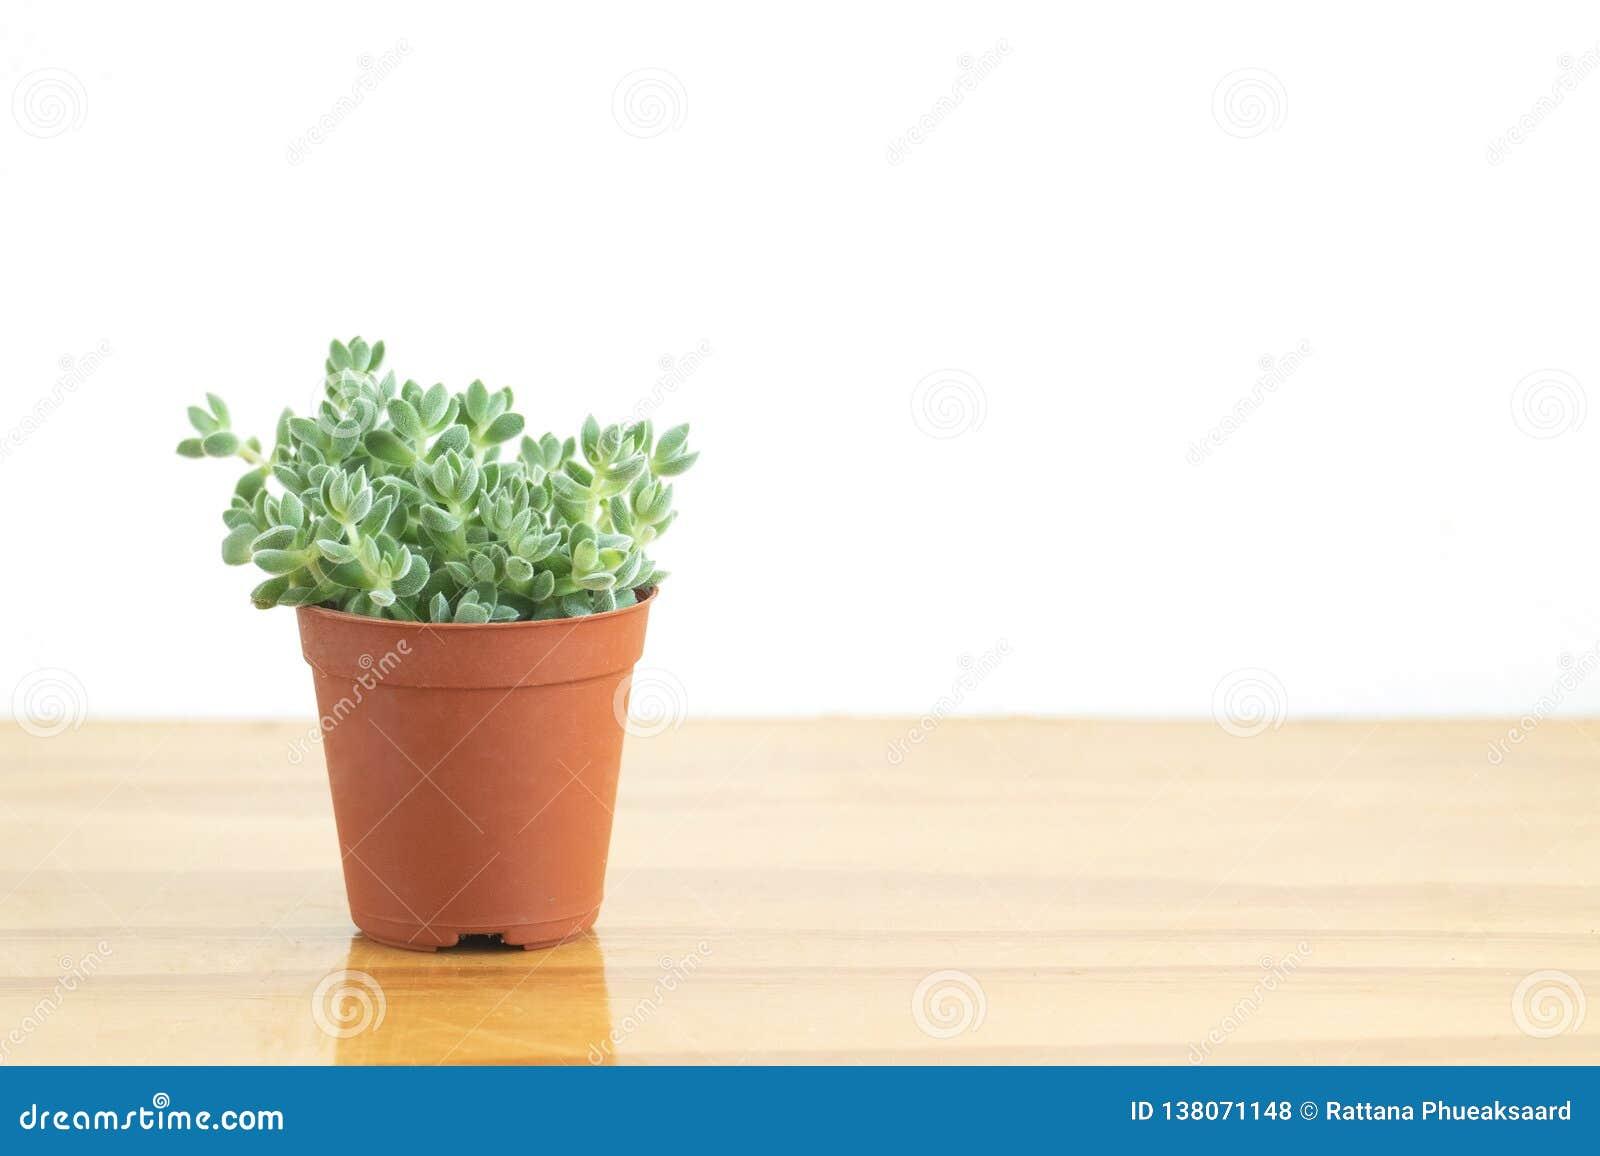 Mini Green Crassula Succulent Flowering plant Pot